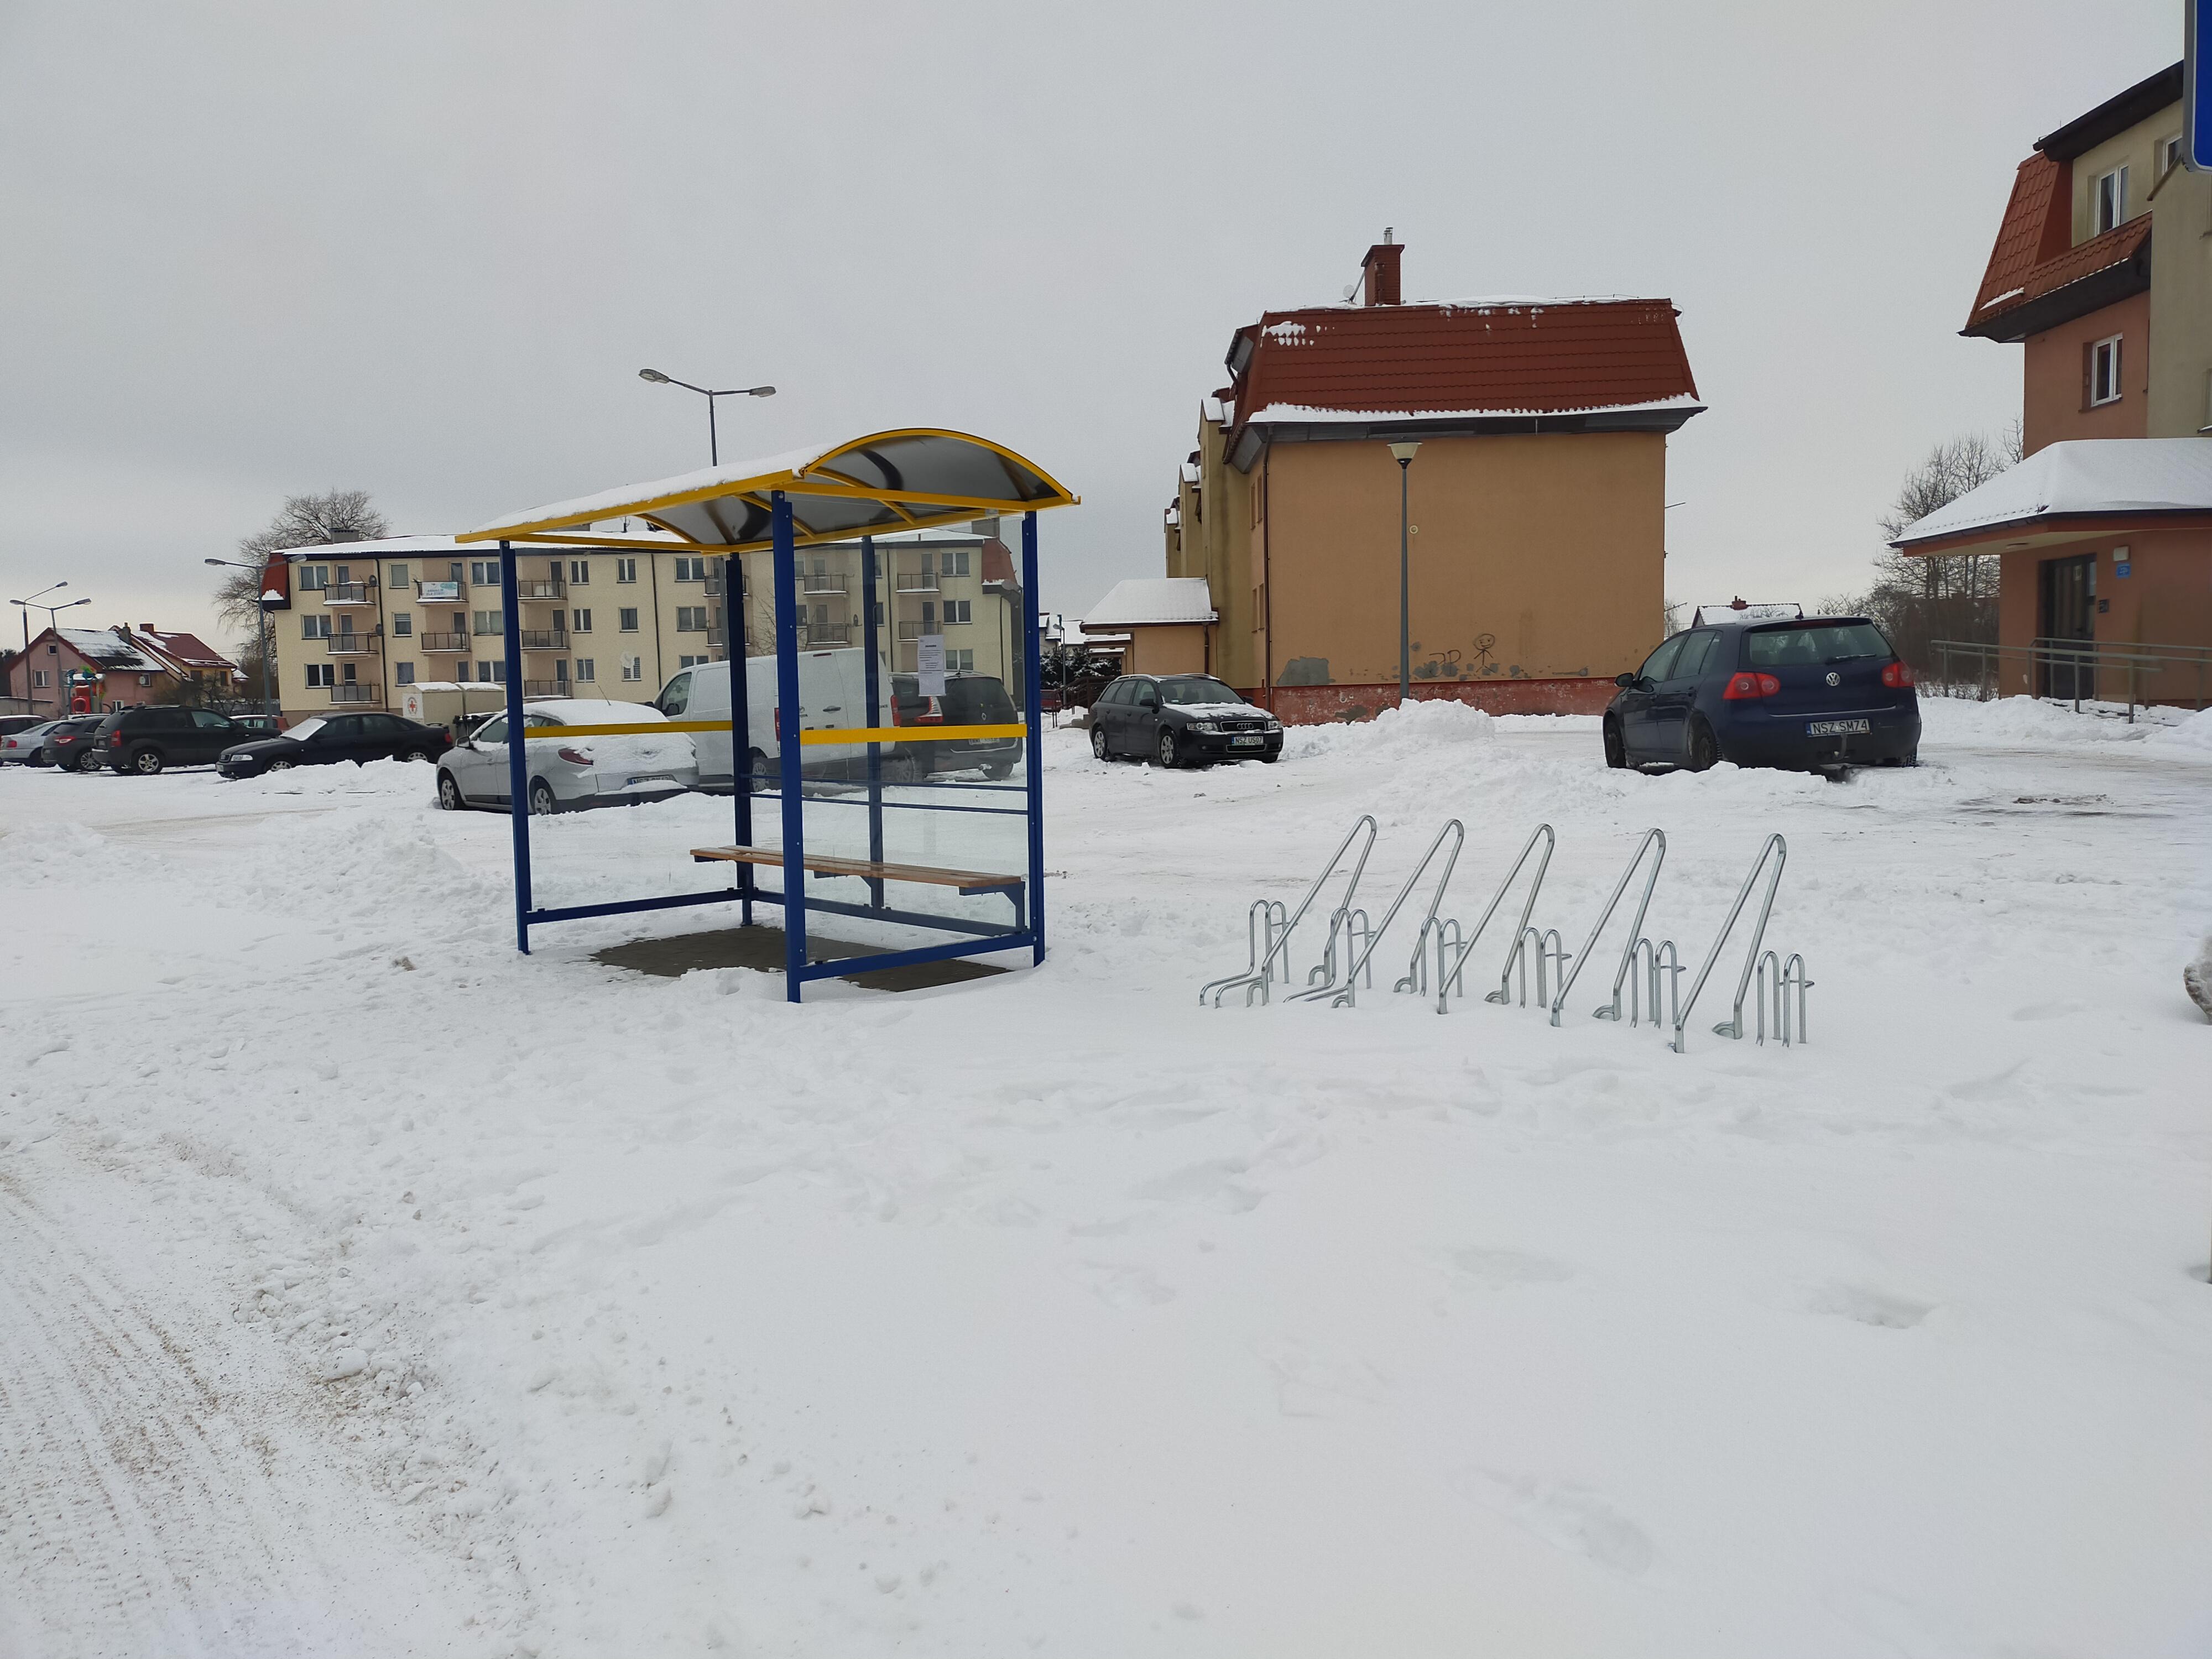 https://m.powiatszczycienski.pl/2021/02/orig/img20210208114324-37997.jpg